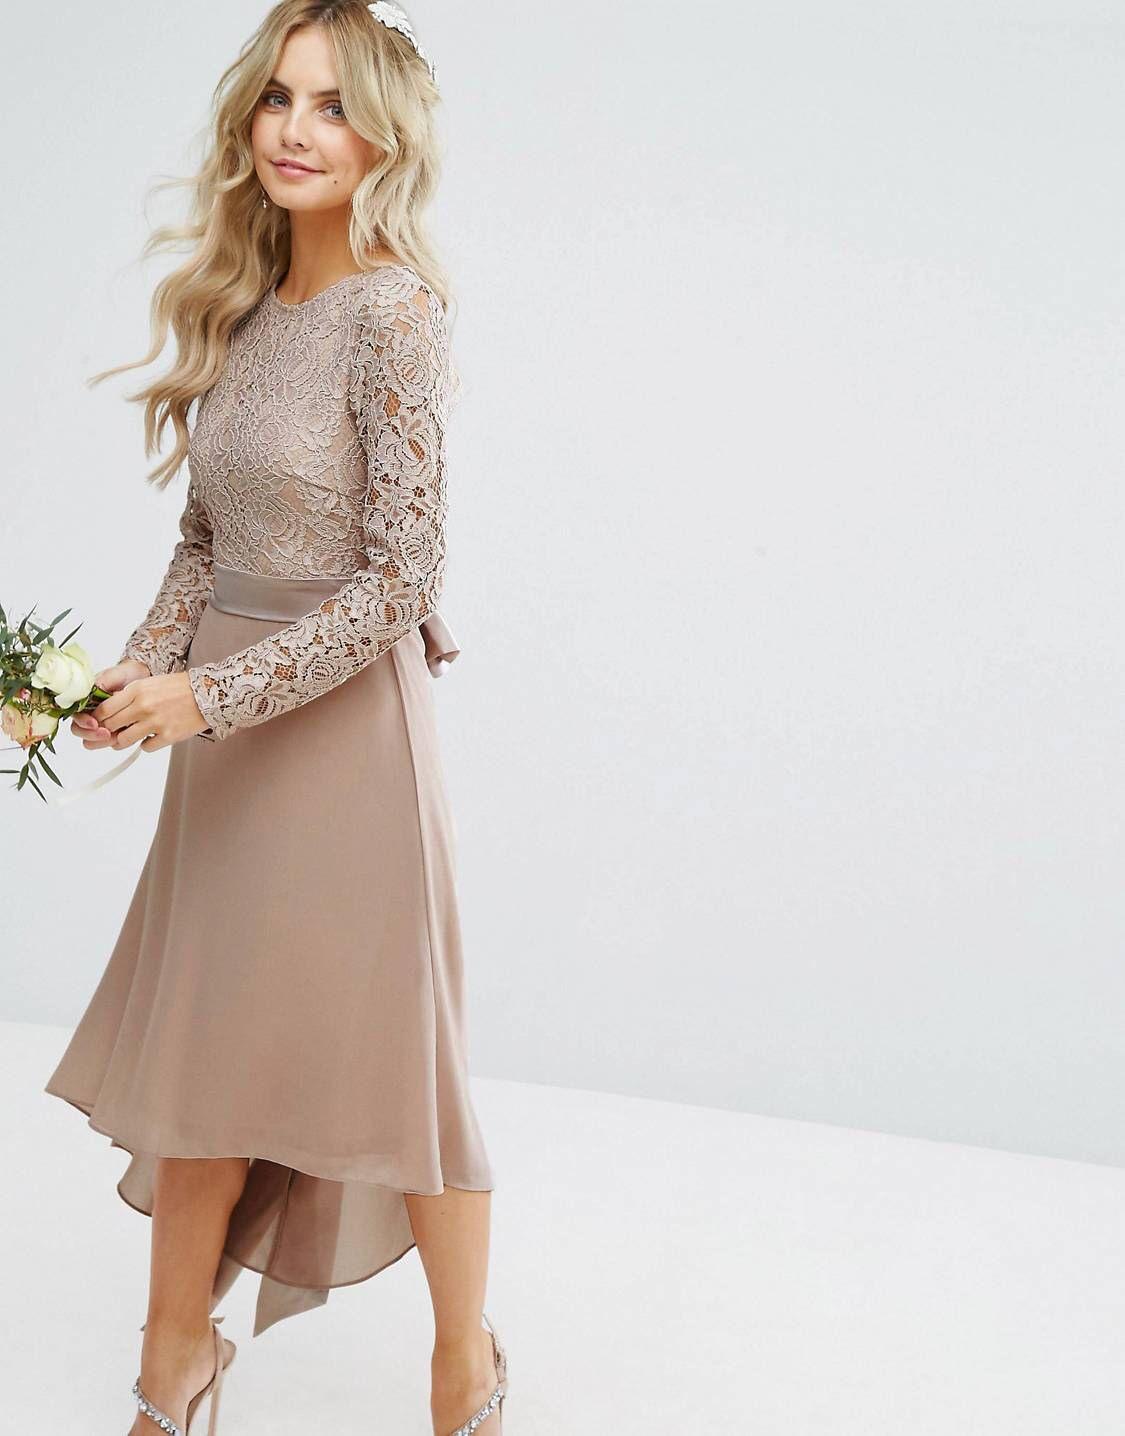 Kleider Für Hochzeit Online Kaufen  Abendkleid